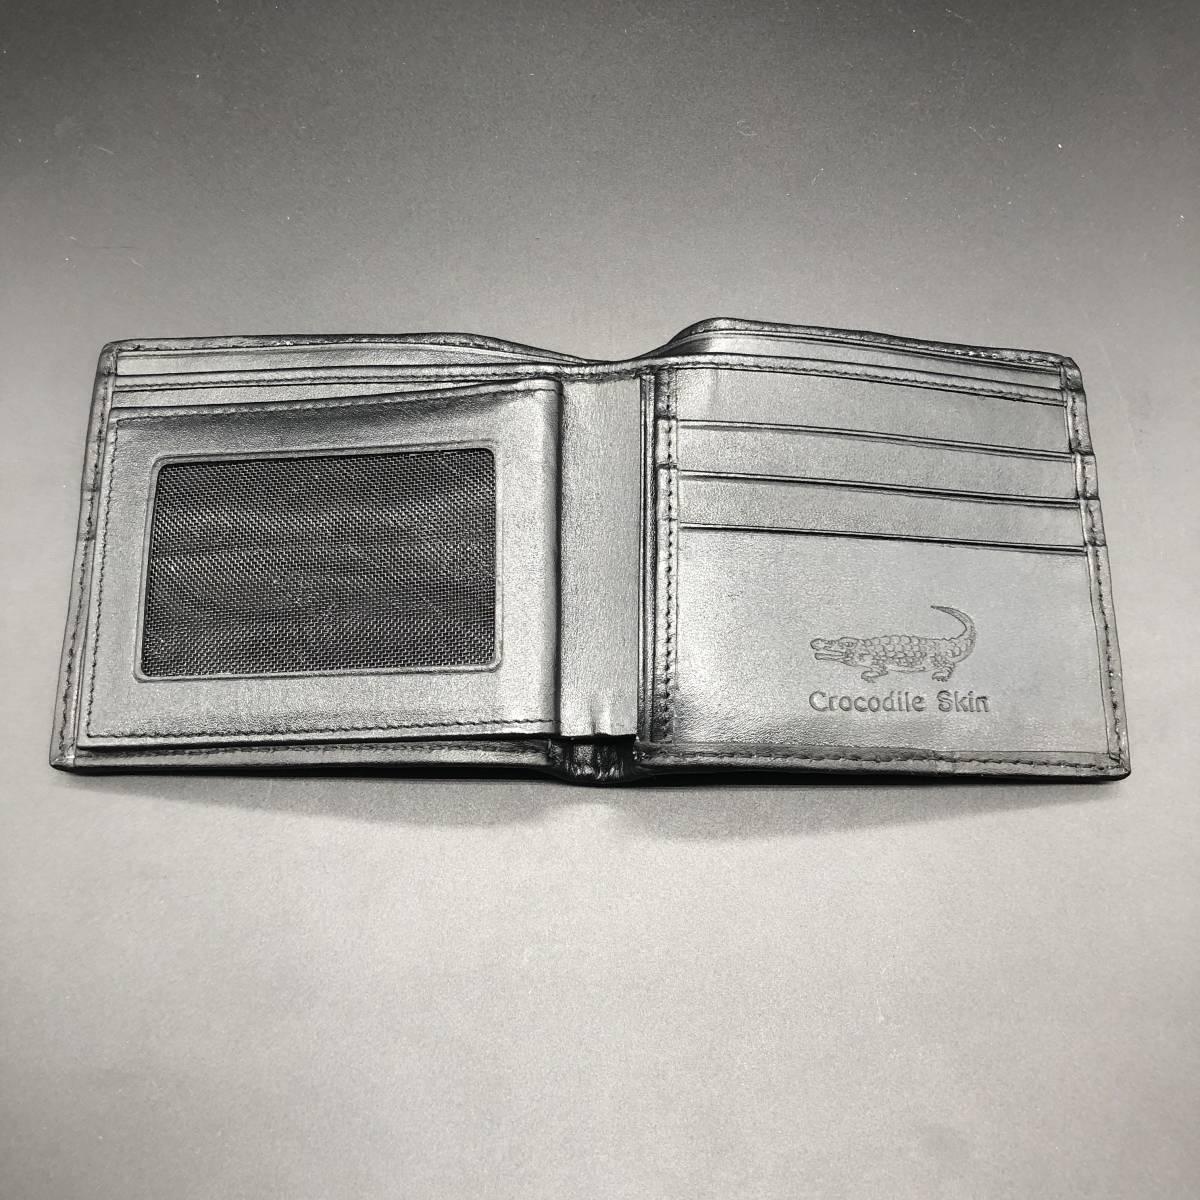 ■新品■ ◆ハンドメイド◆ 二つ折り財布 クロコダイル(背部分使用 )★海外工房店制作★ Ⅱ_画像9